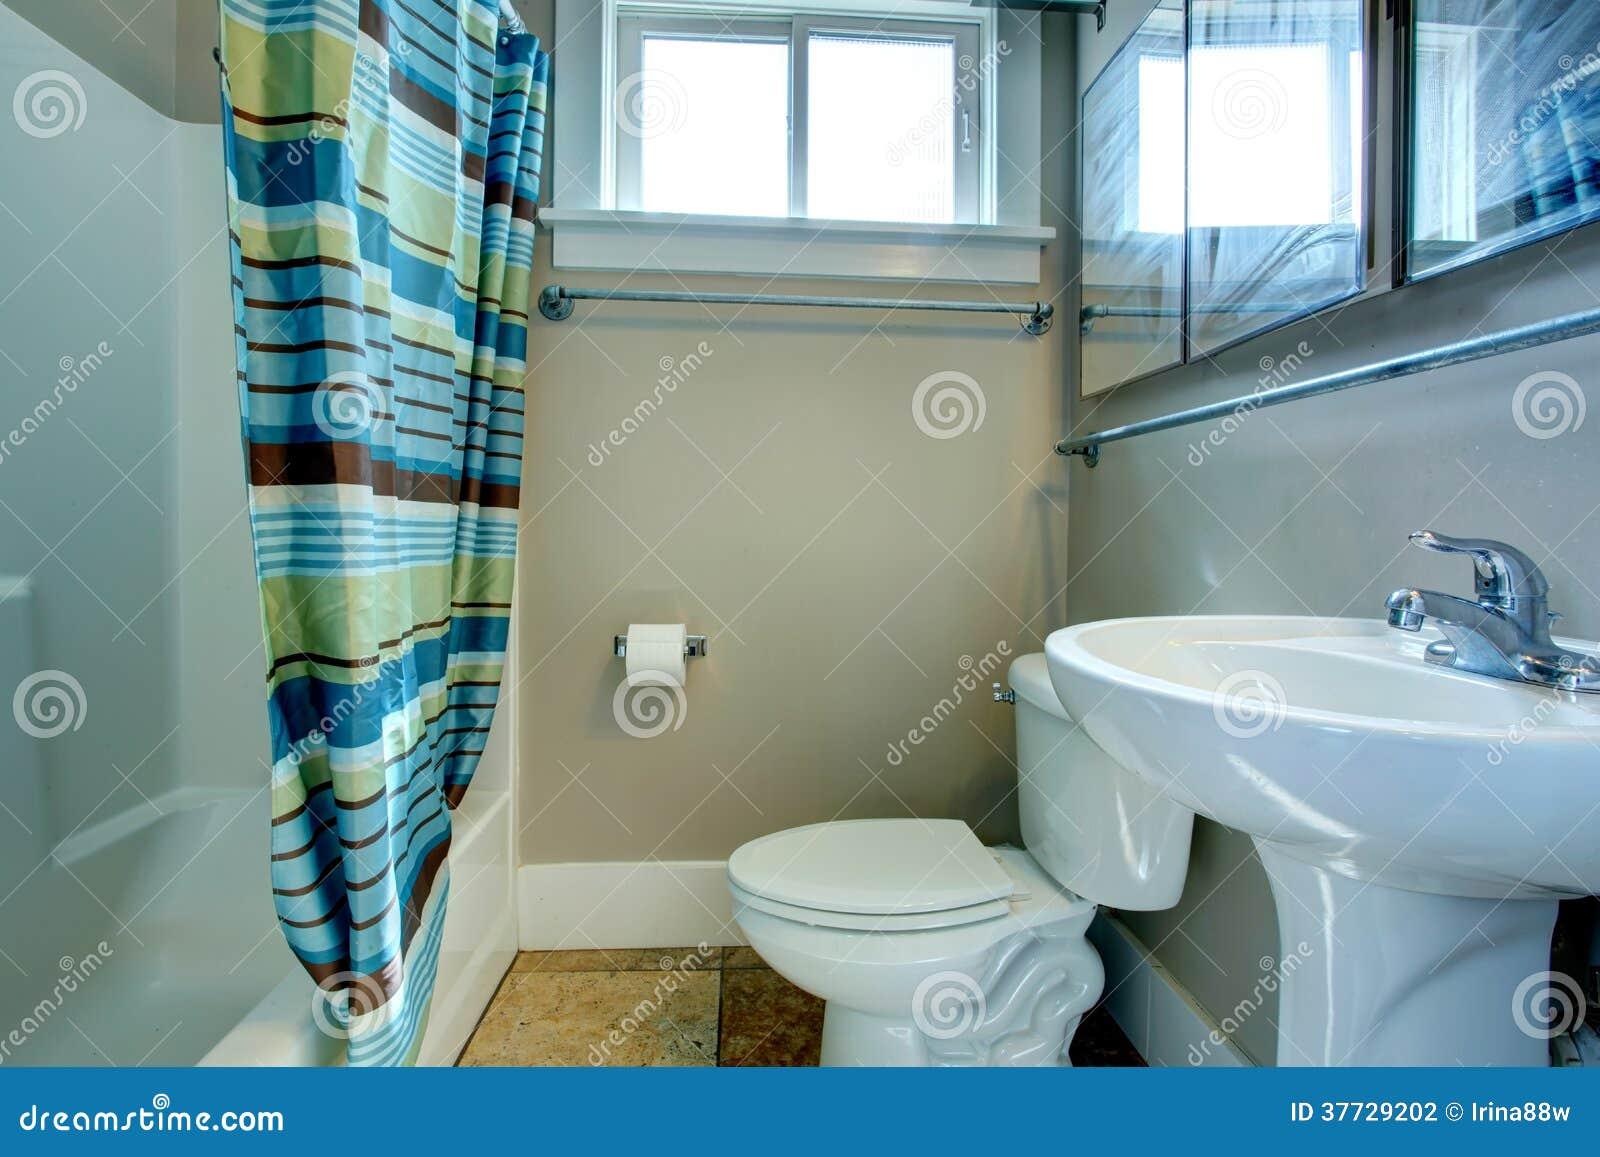 Comfortabele Badkamers Met Gestreepte Gordijnen Stock Foto ...